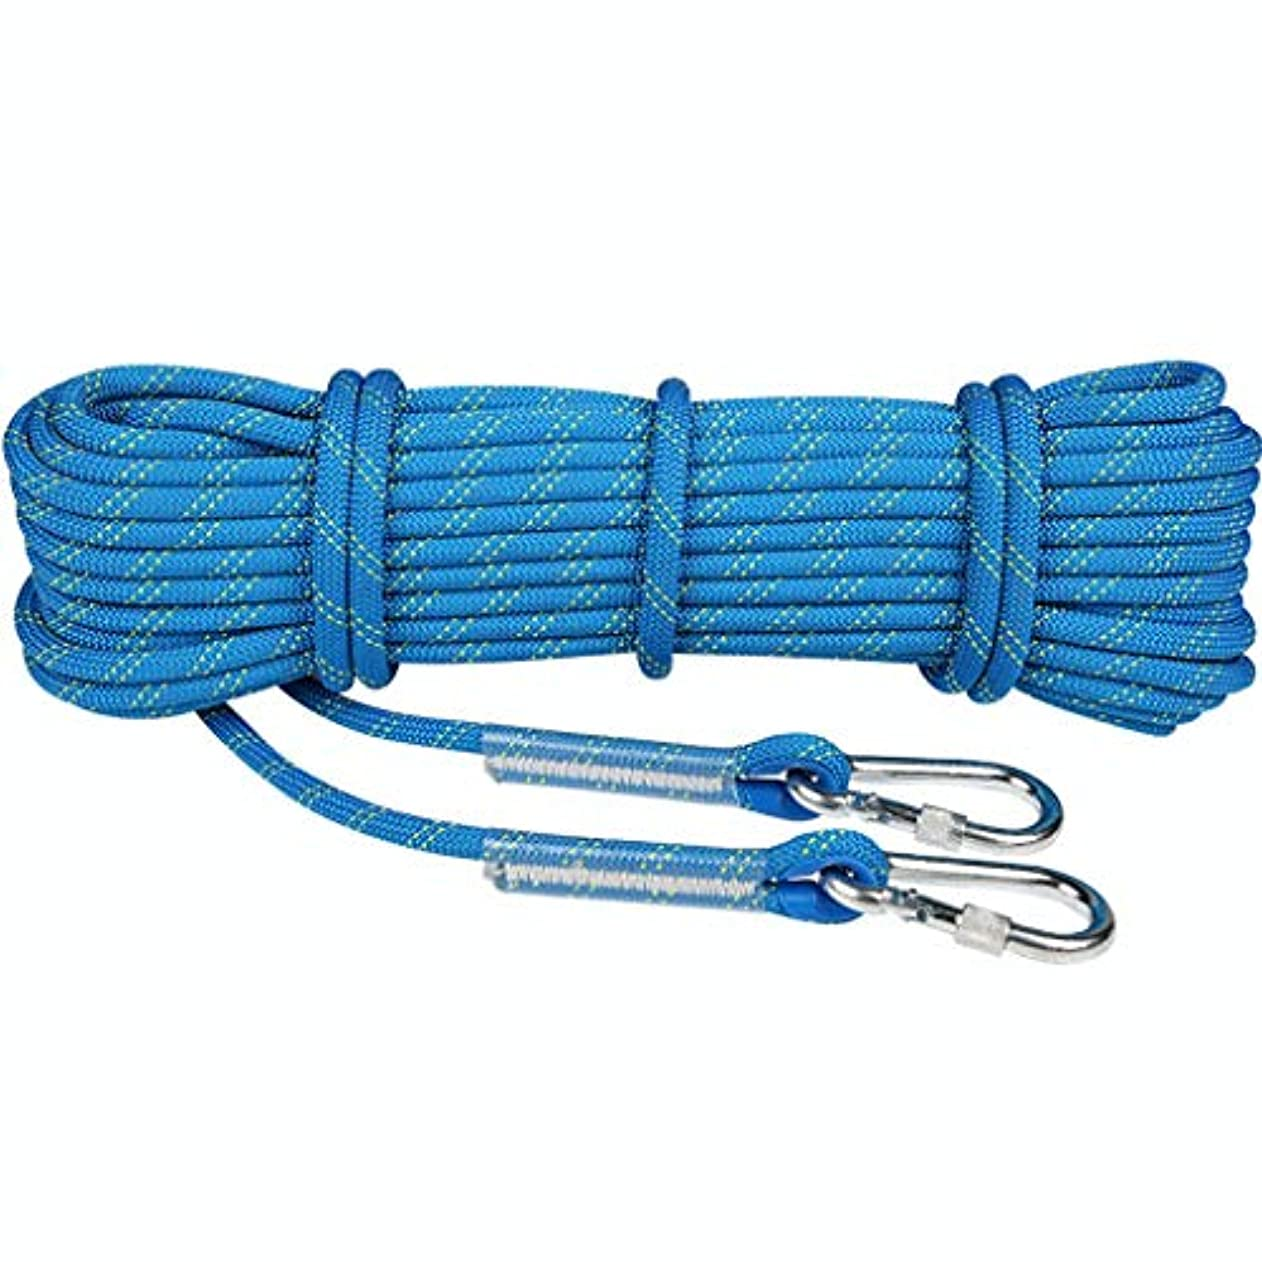 困惑する歩く受け入れるKTYXDE クライミングロープクライミングウェアラブルロープ高高度安全ロープライフライン直径11 / 12mm長さ10/15/20/30/50 / 100m クライミングロープ (Size : 12mm 20m)